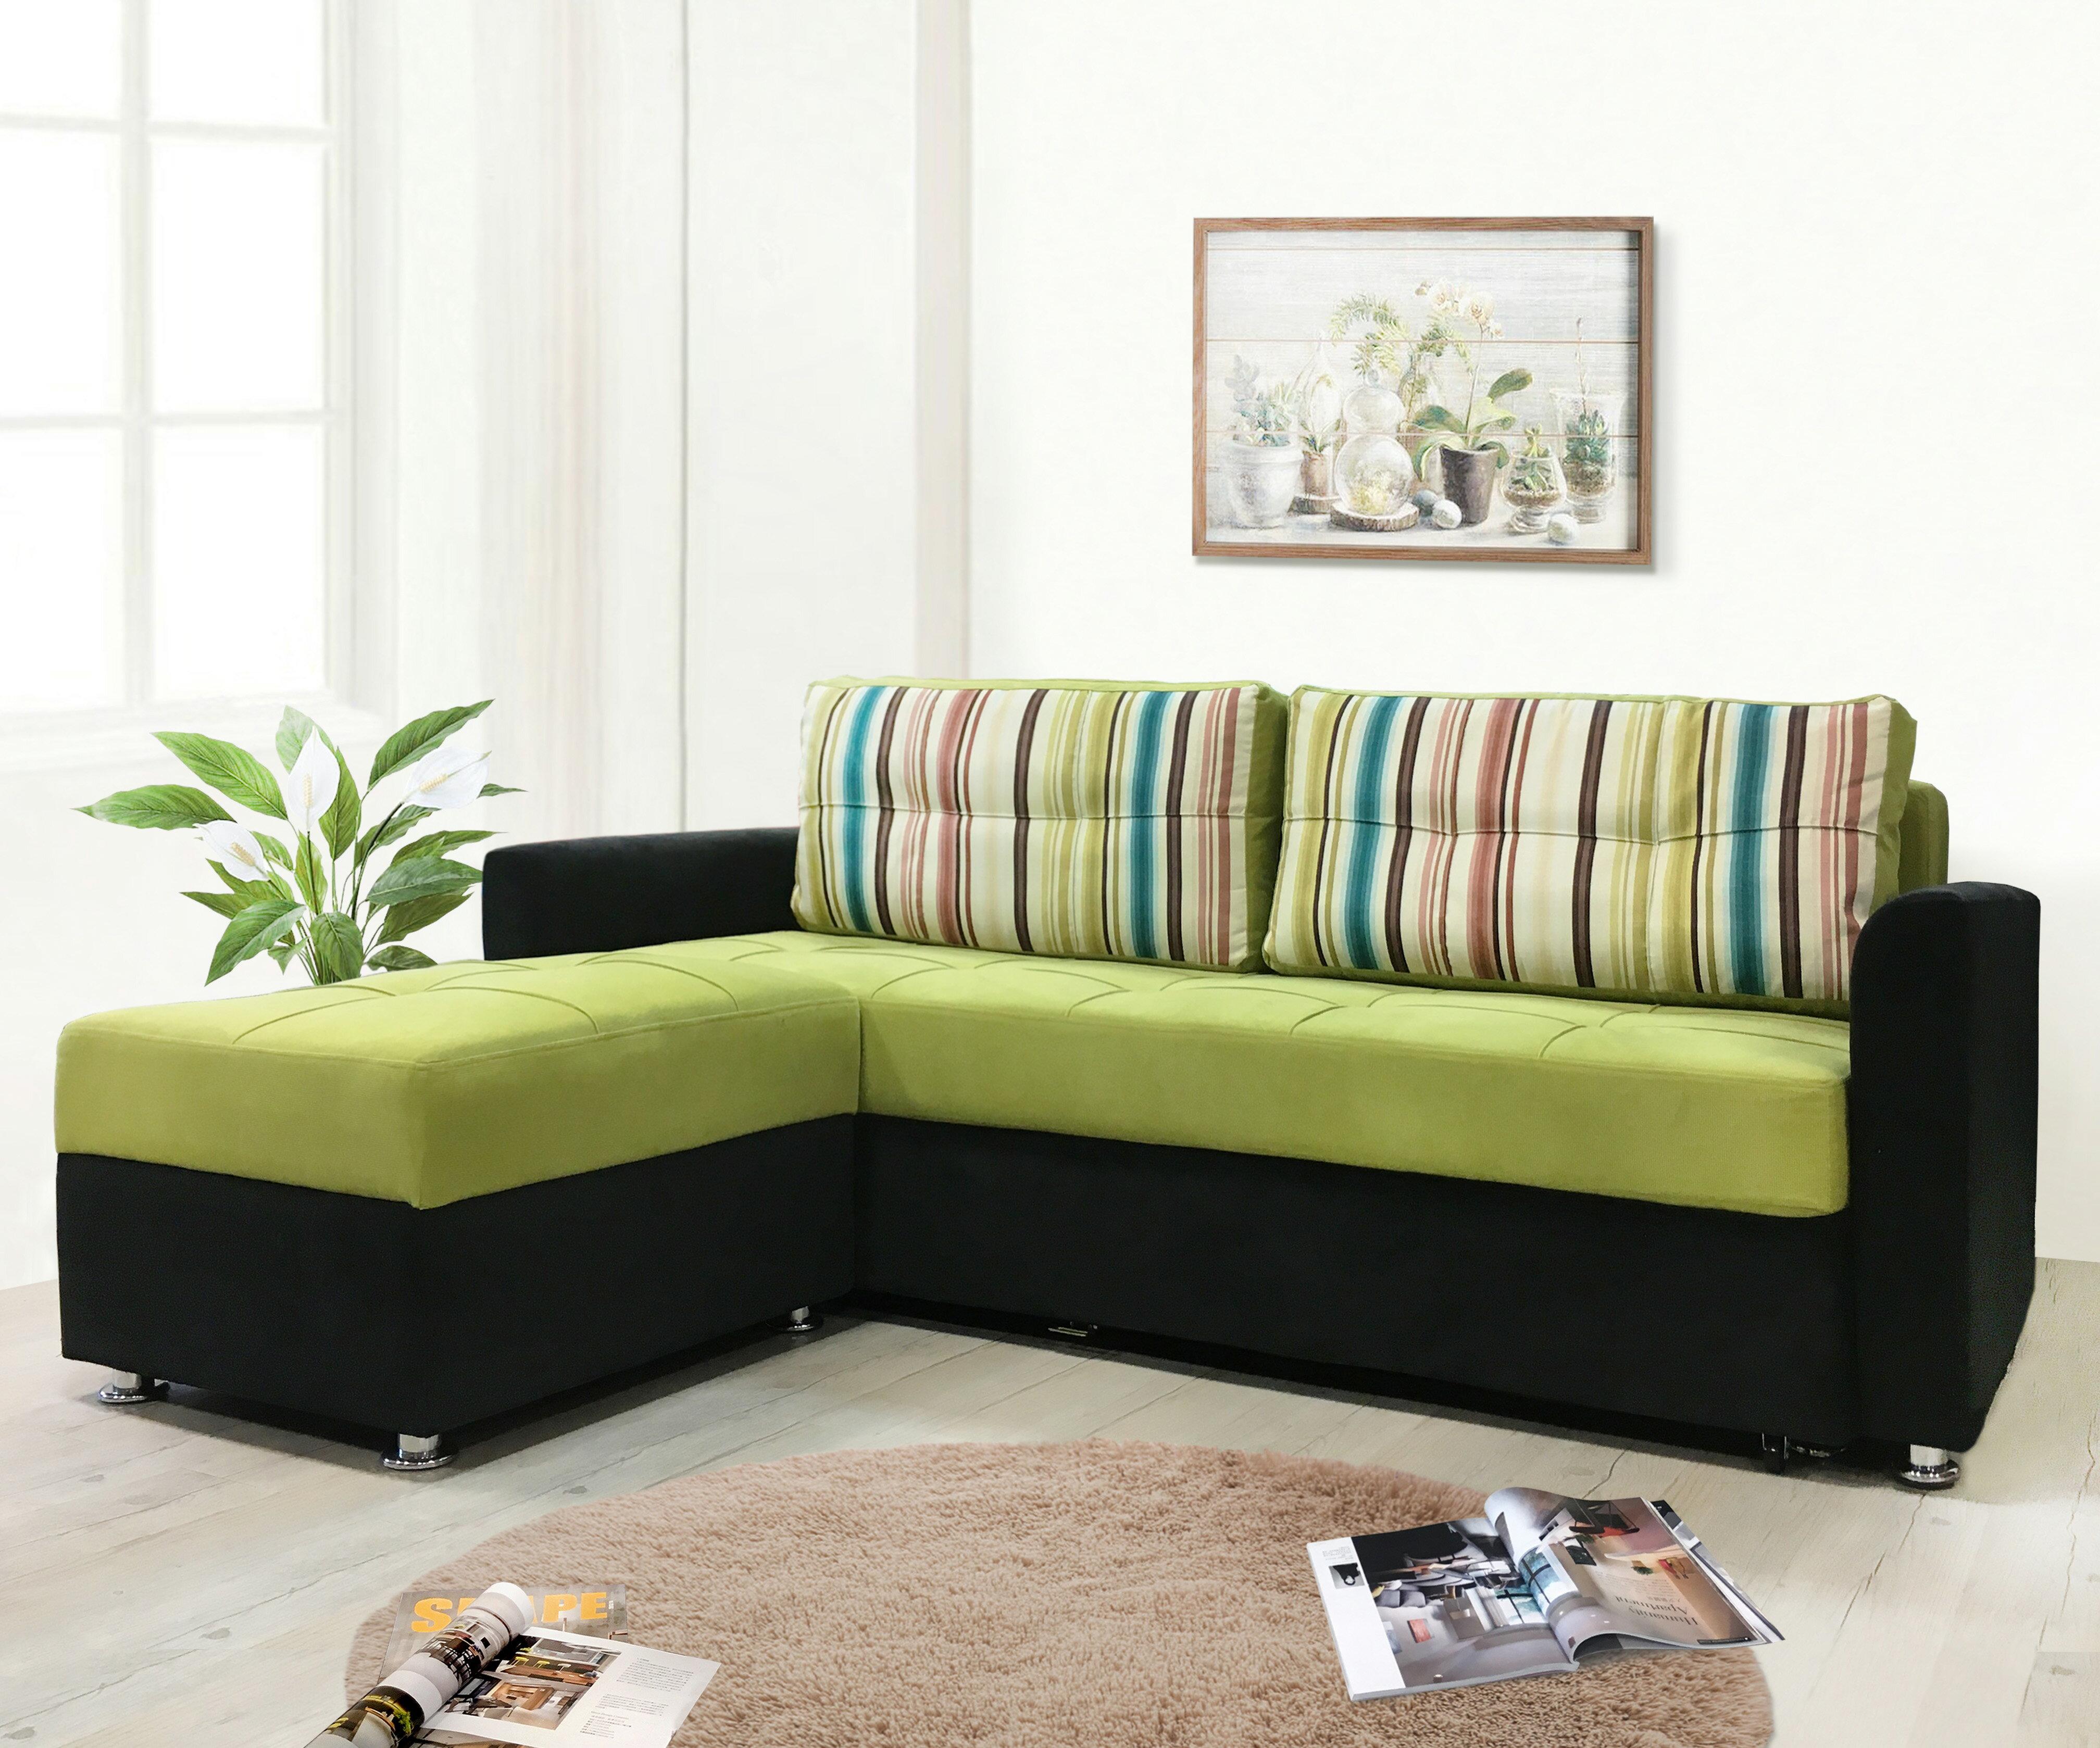 !新生活家具!《克洛伊》綠色 布沙發 沙發床 L型沙發 三人位沙發 腳椅 收納 多功能 兩色